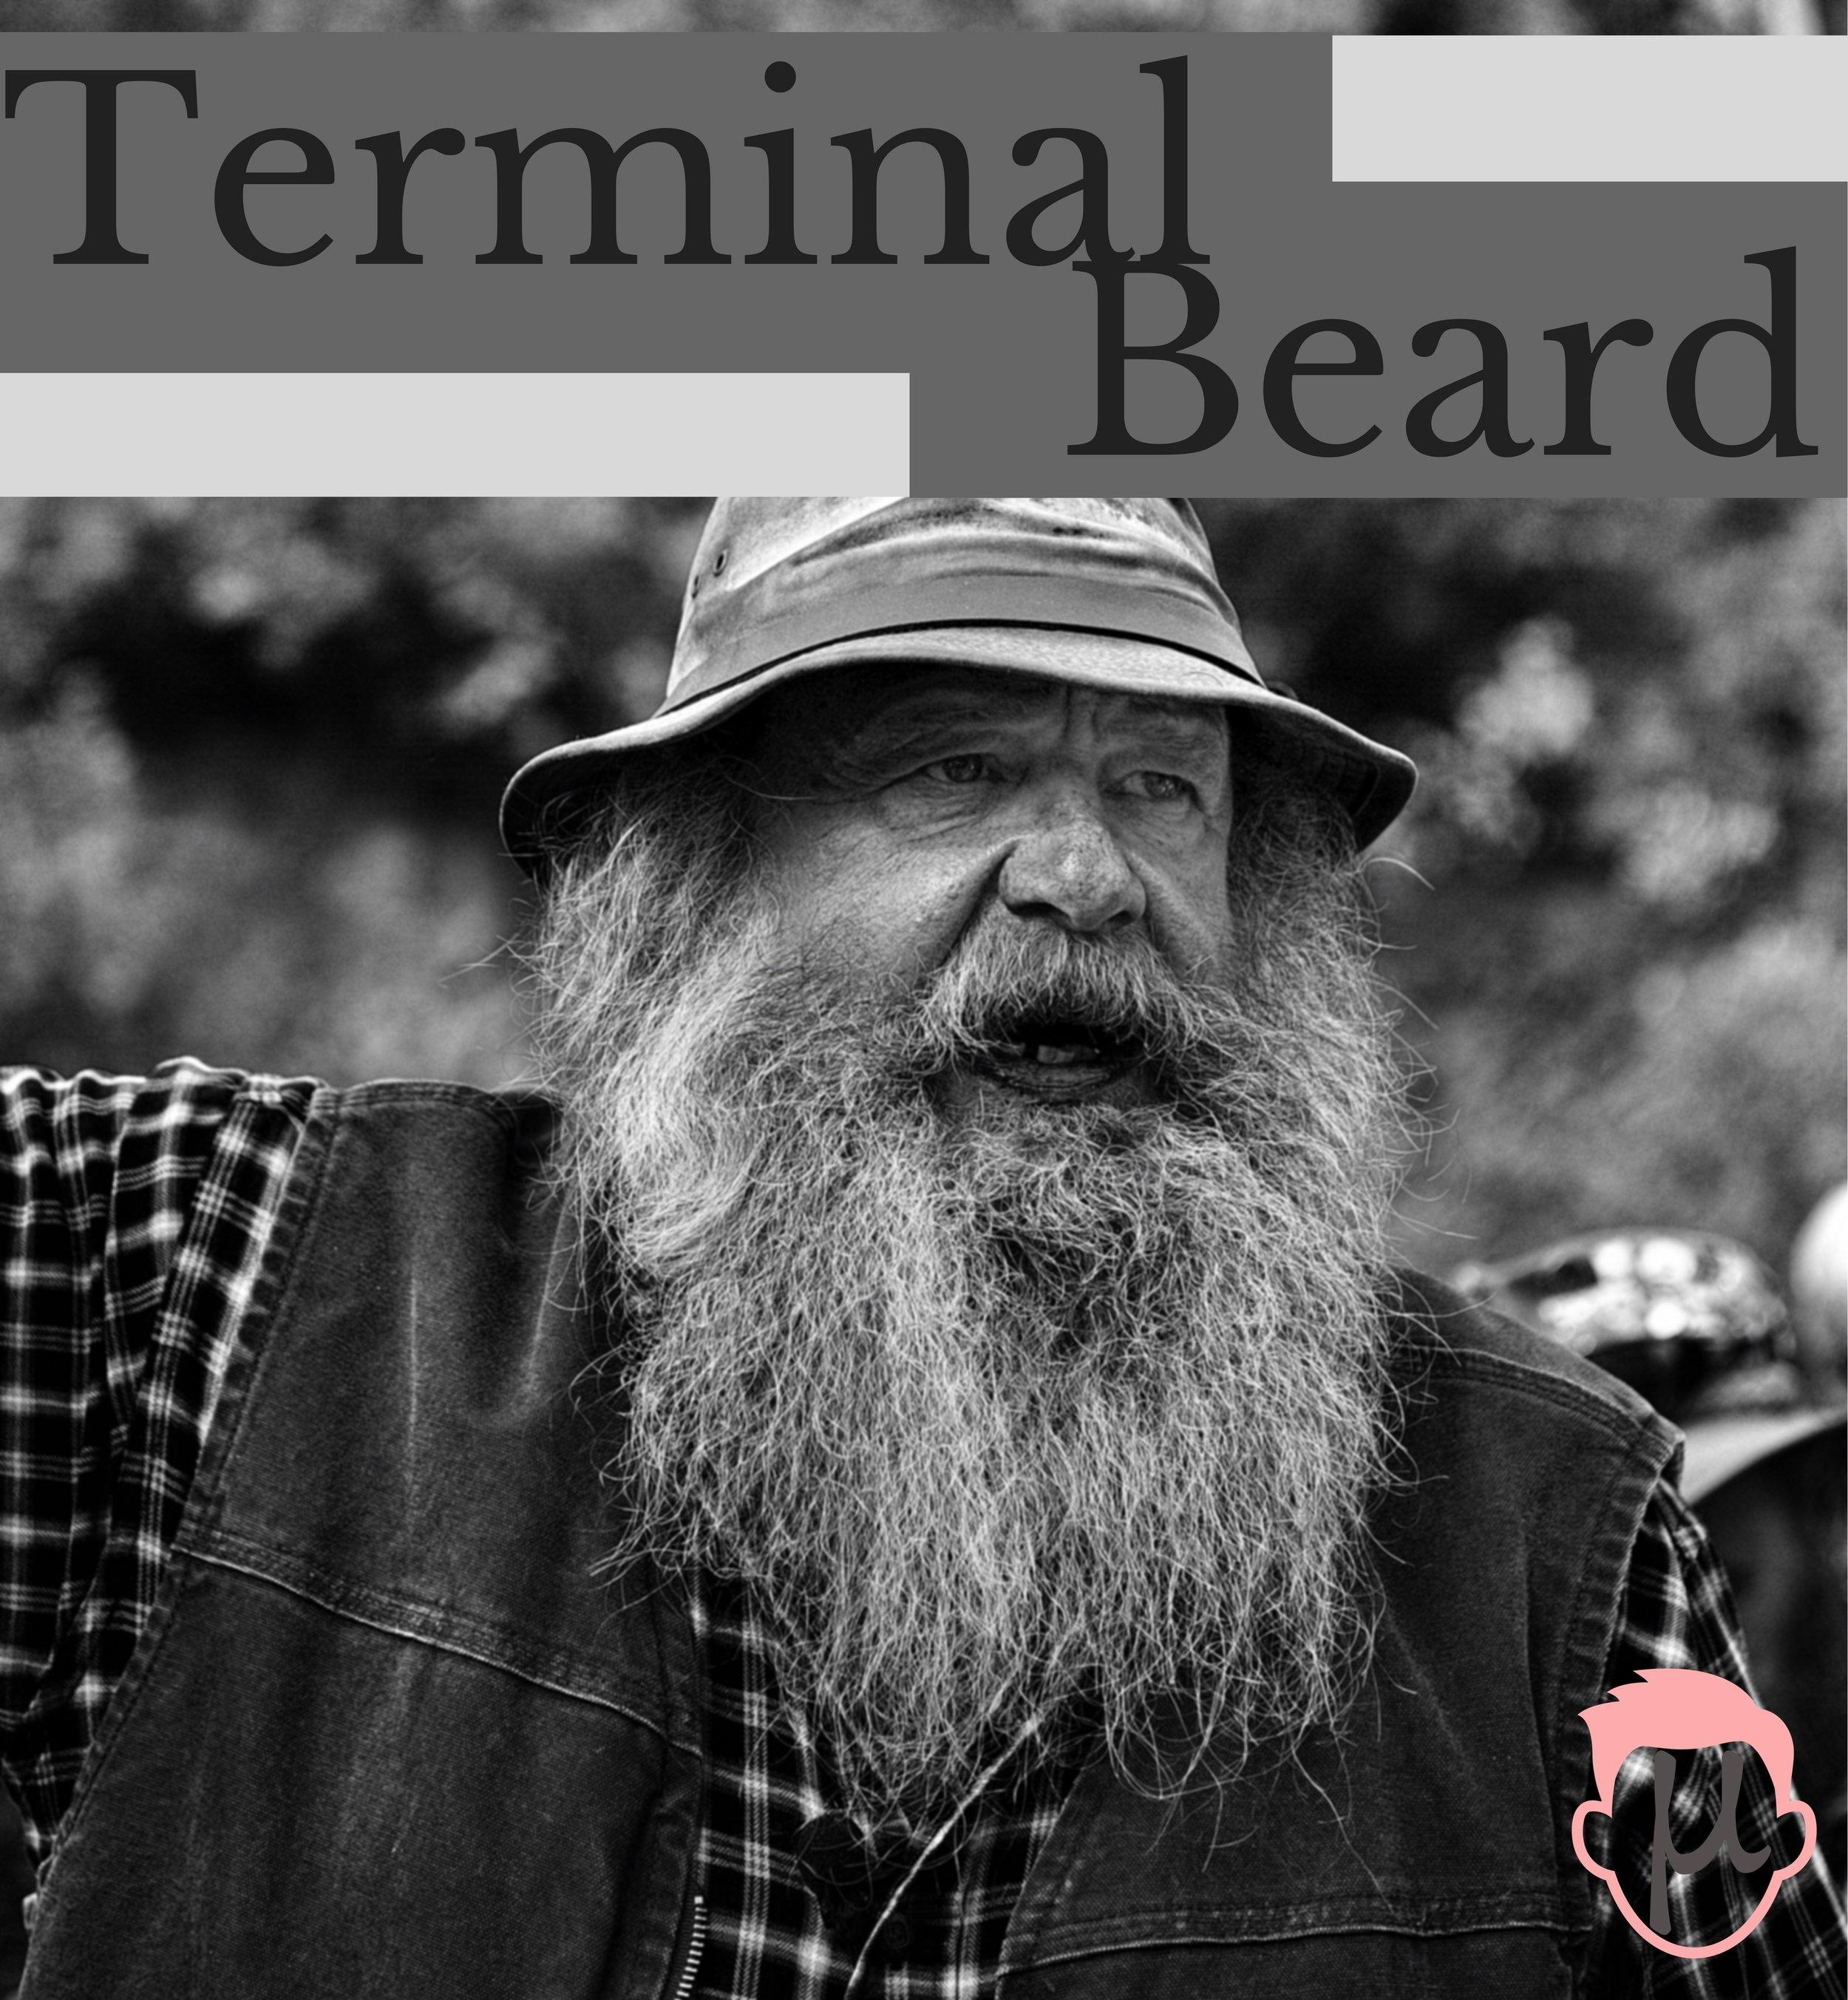 Terminal Beard.jpg